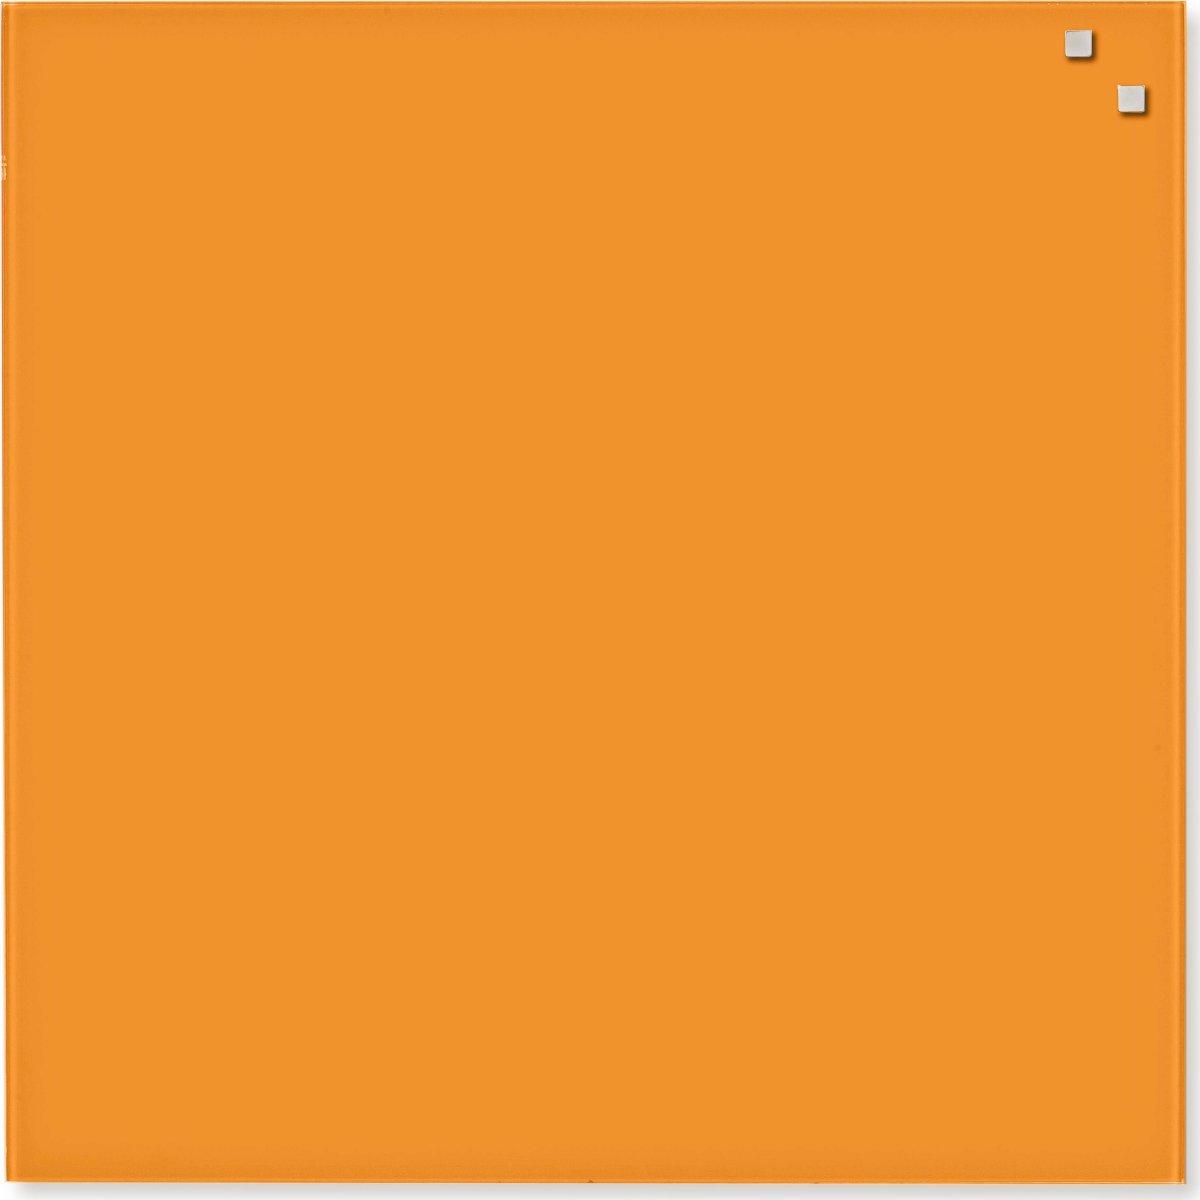 Glassboard magnetisk glastavle 45 x 45 cm, orange